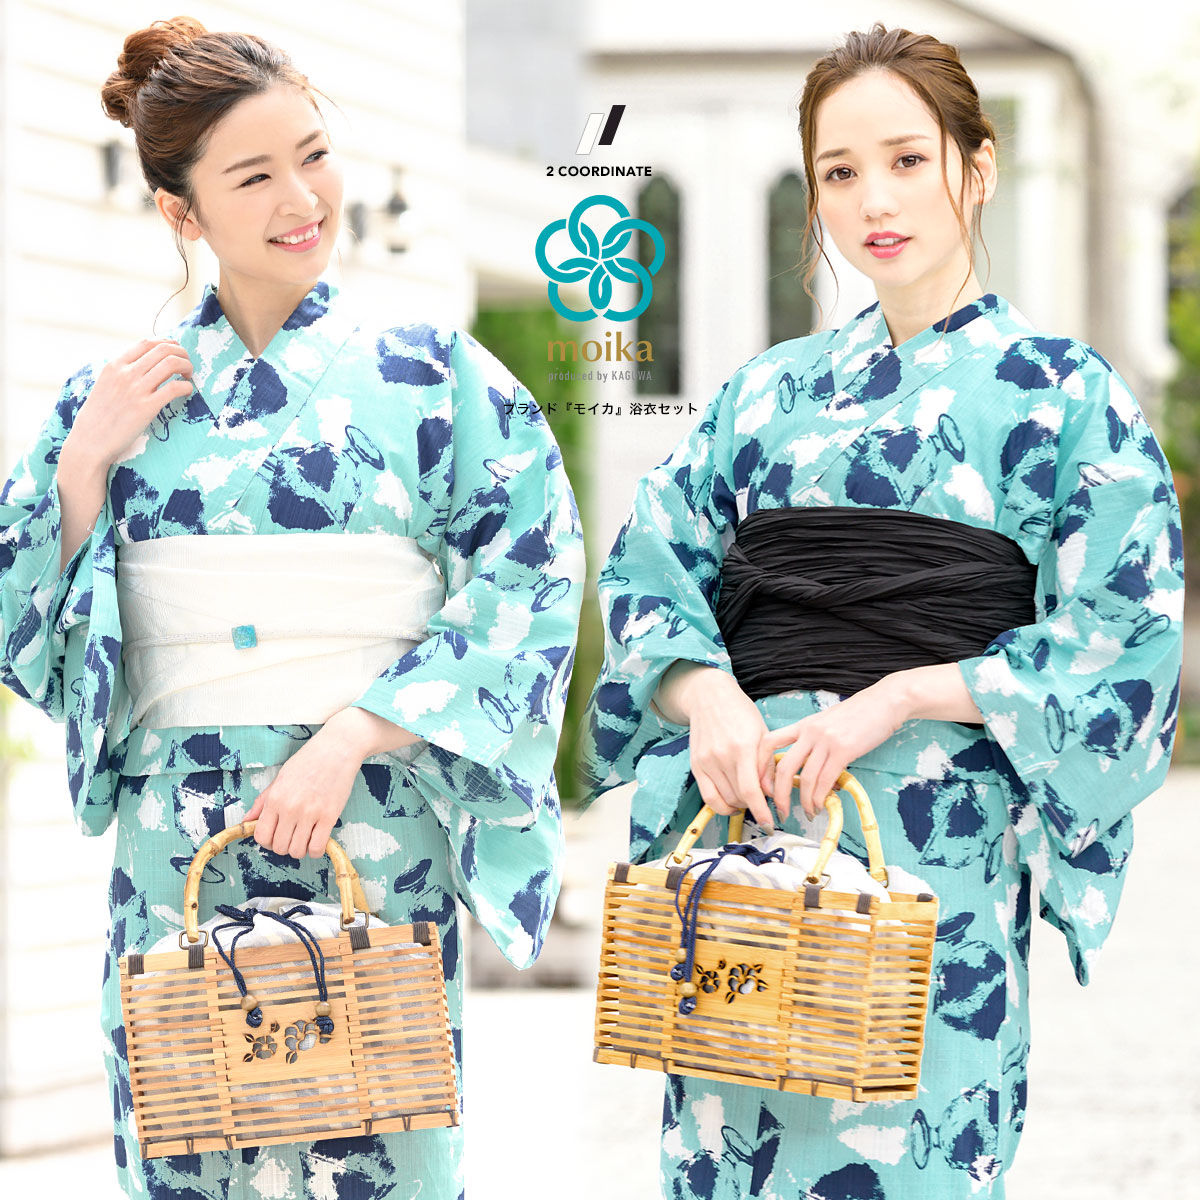 moika 浴衣 セット レディース 浴衣セット Mサイズ レトロ 青磁色 セイジ かき氷 衿芯付き 女性用 仕立て上がり